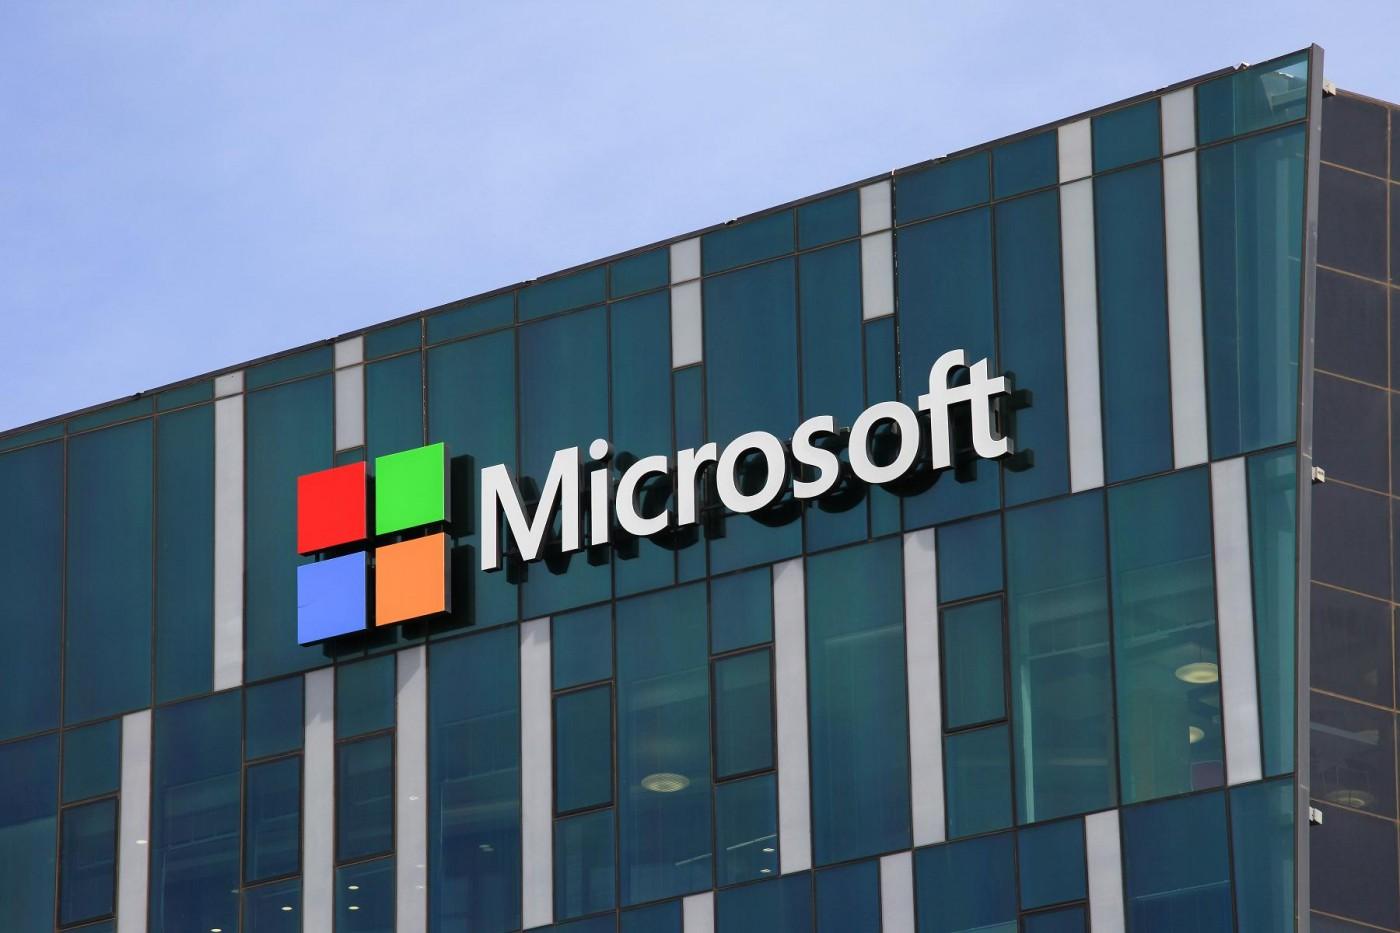 美國安局主動向微軟通報Windows 10安全漏洞,超過百萬裝置蒙受風險